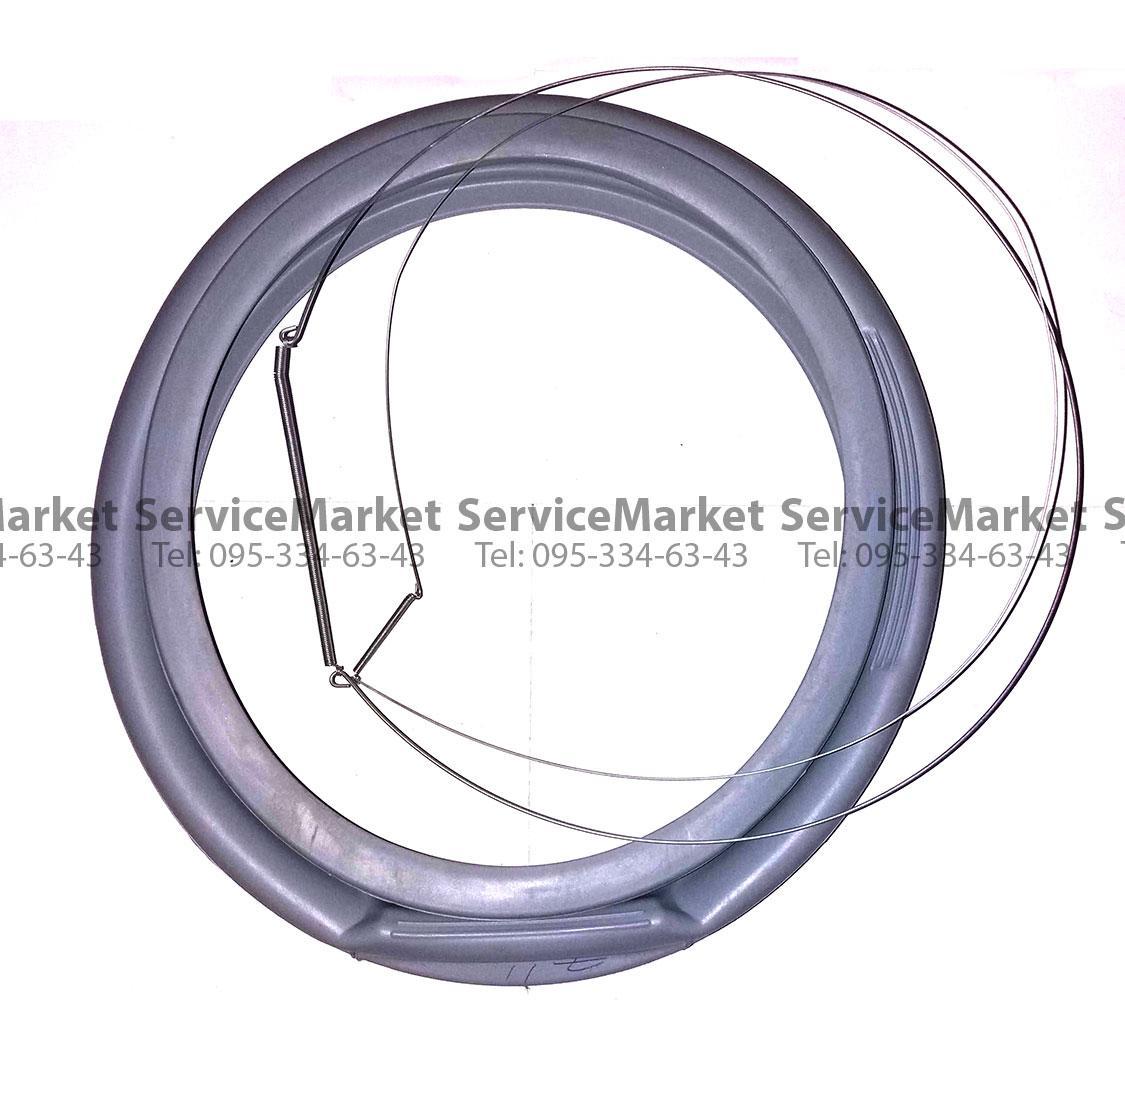 Резина (манжет) люка пральної машини Indesit, Ariston C00095328 в комплекті з хомутами, пружинами Оригінал